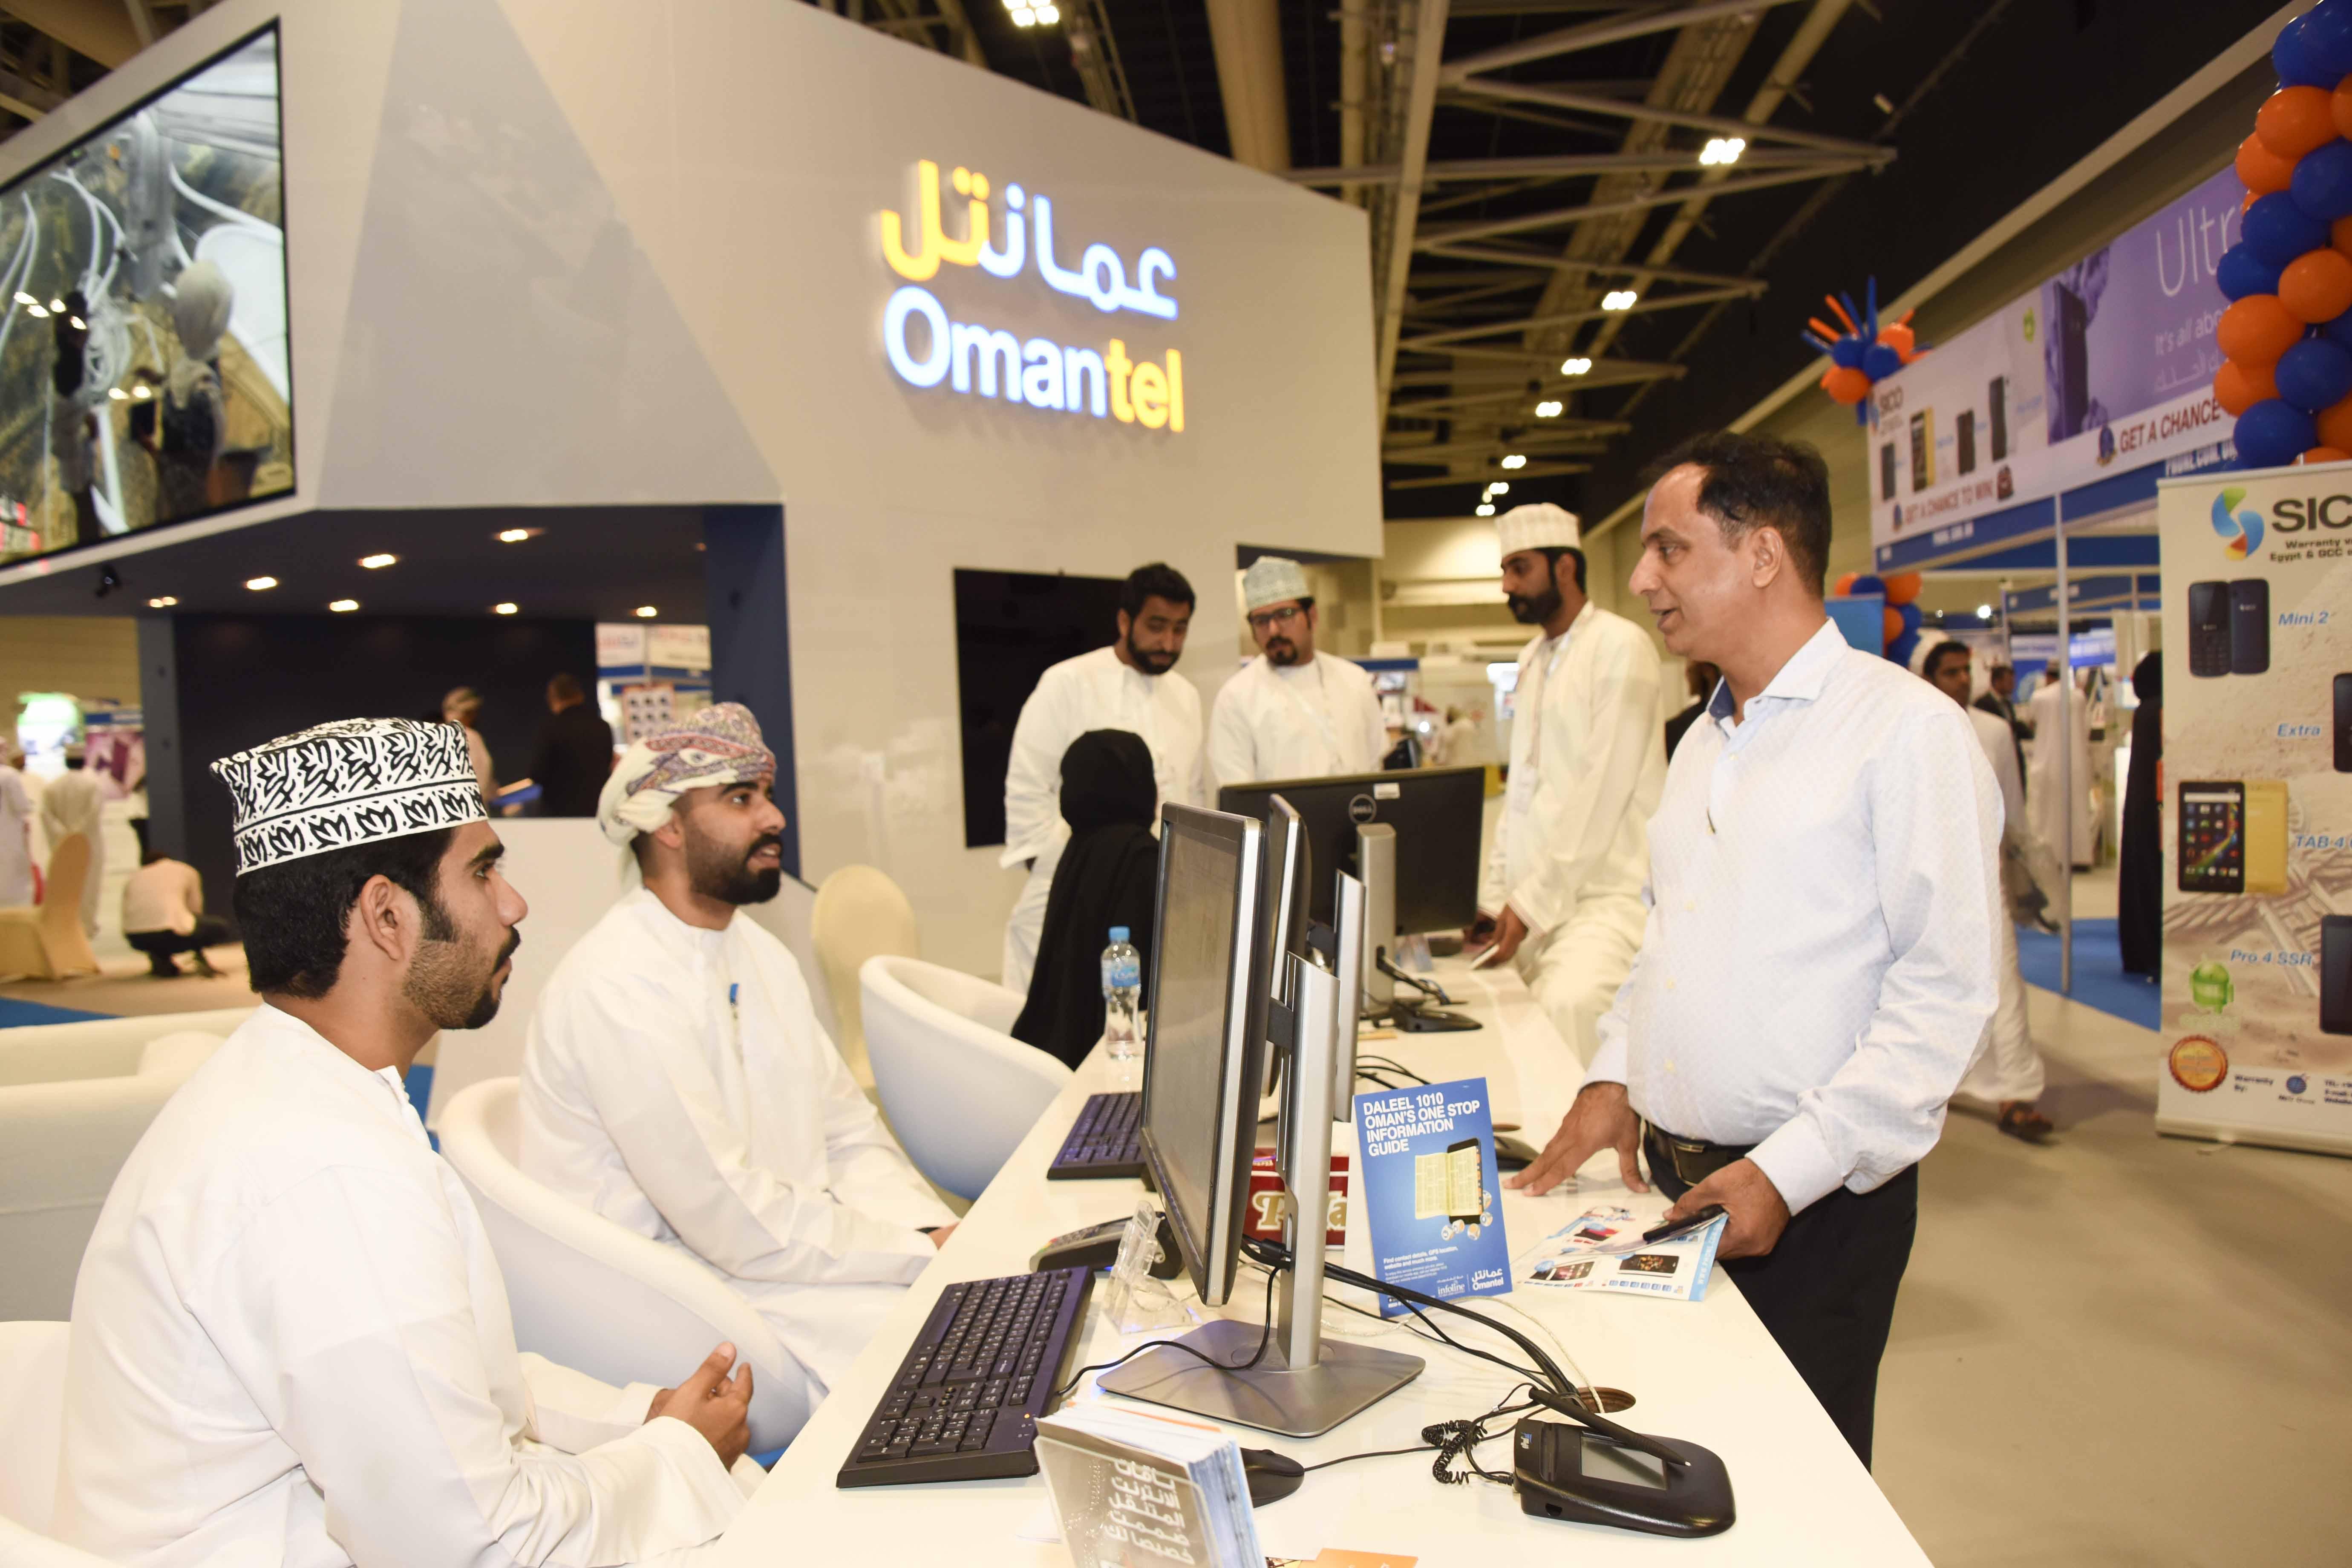 «عمانتل» تثري زوار كومكس بالعديد من الخدمات المبتكرة